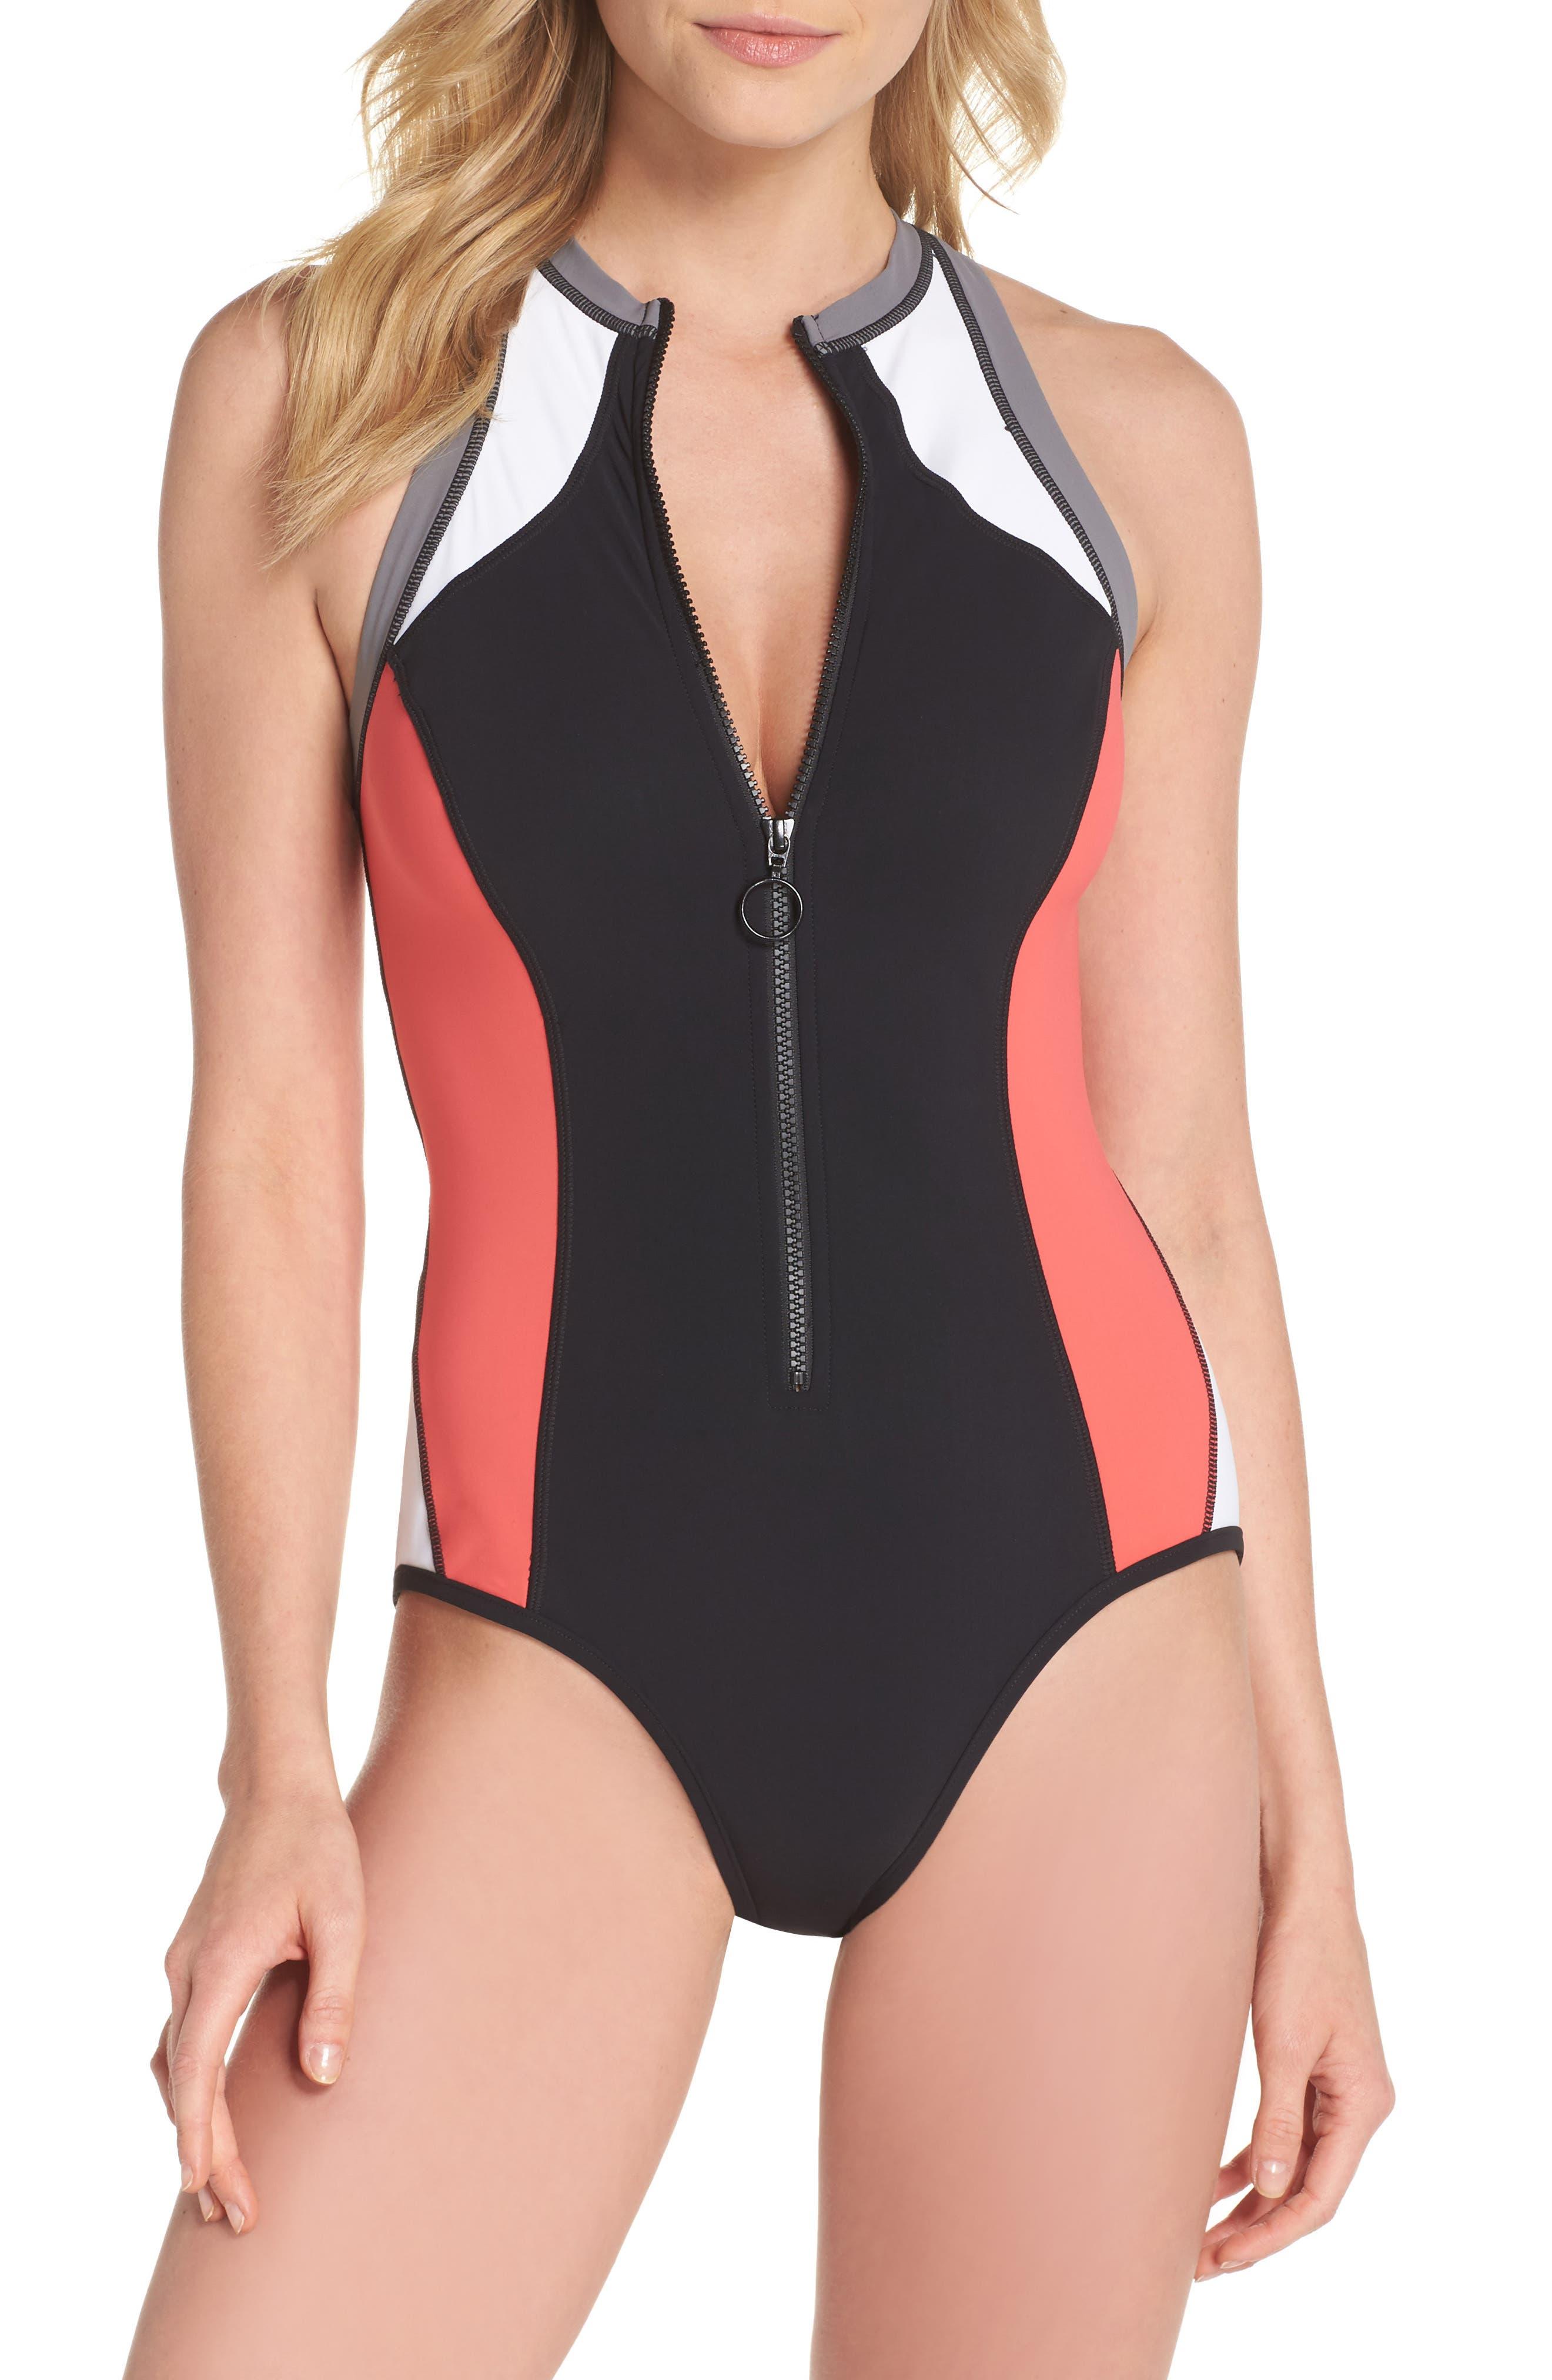 Resist Me Zip Front Surf One-Piece Swimsuit,                             Main thumbnail 1, color,                             001